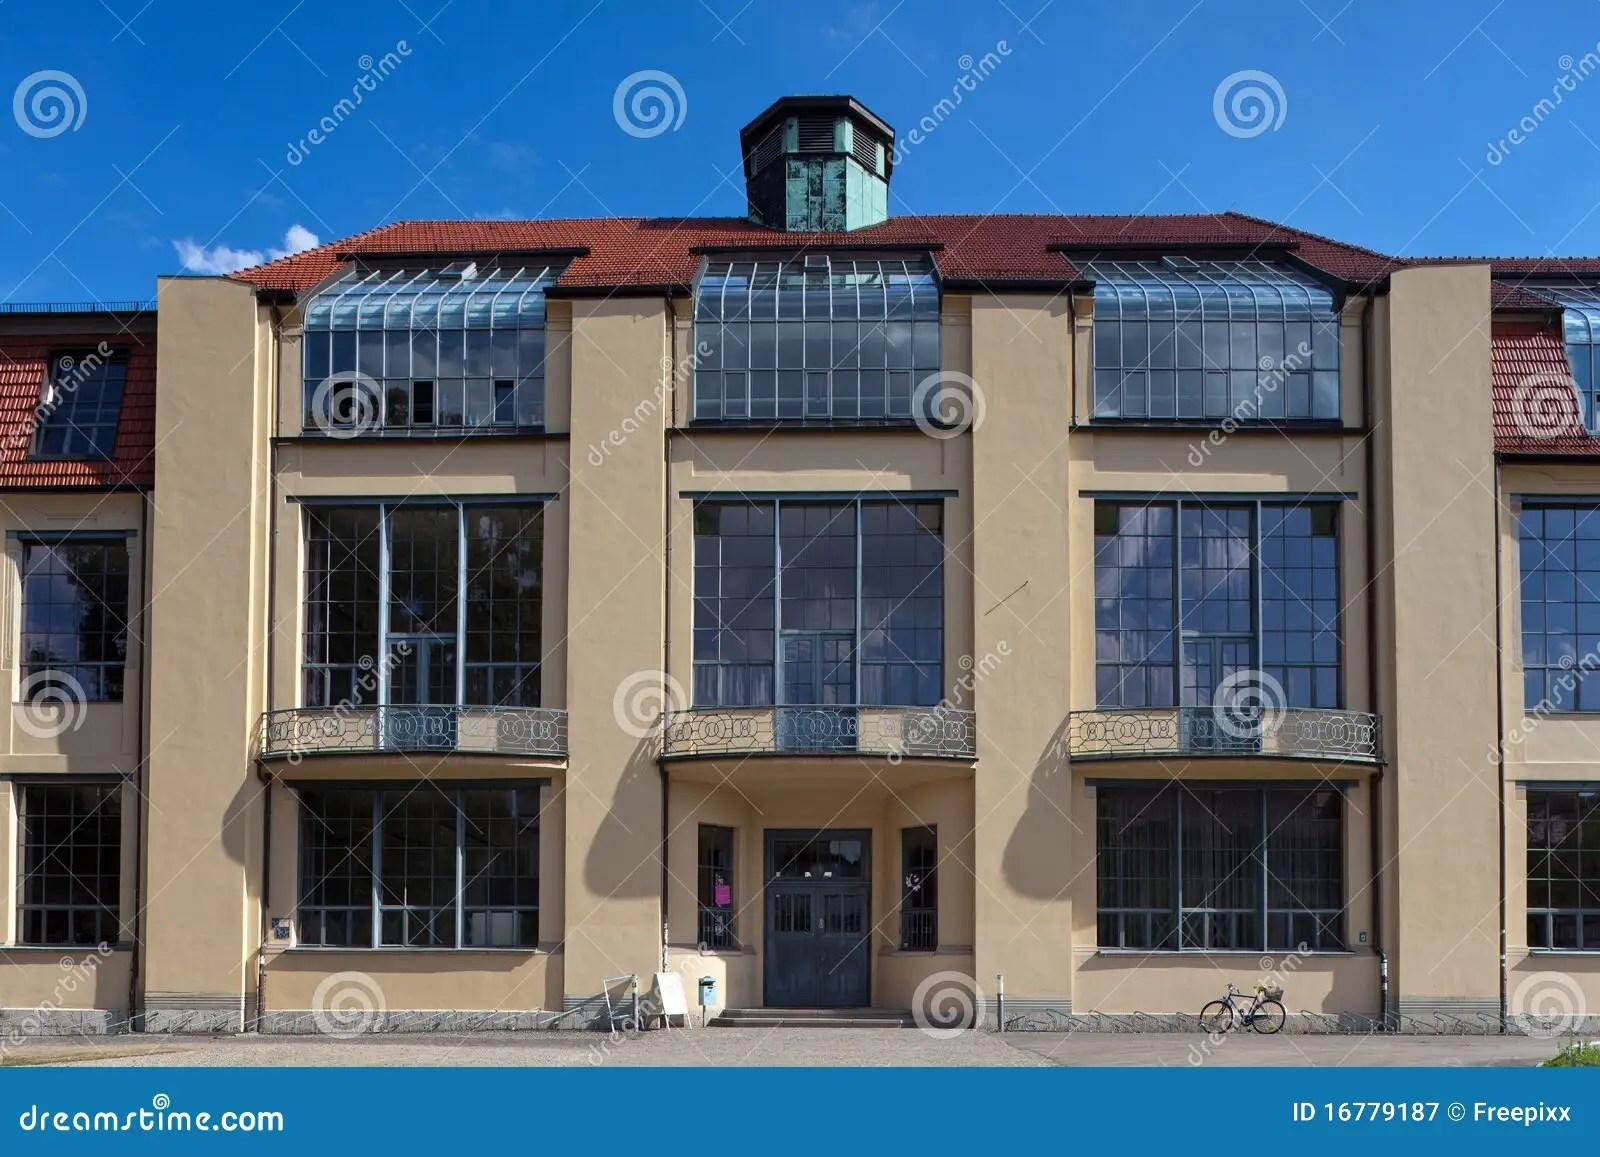 Bauhaus Famous Germany University Van Velde Weimar